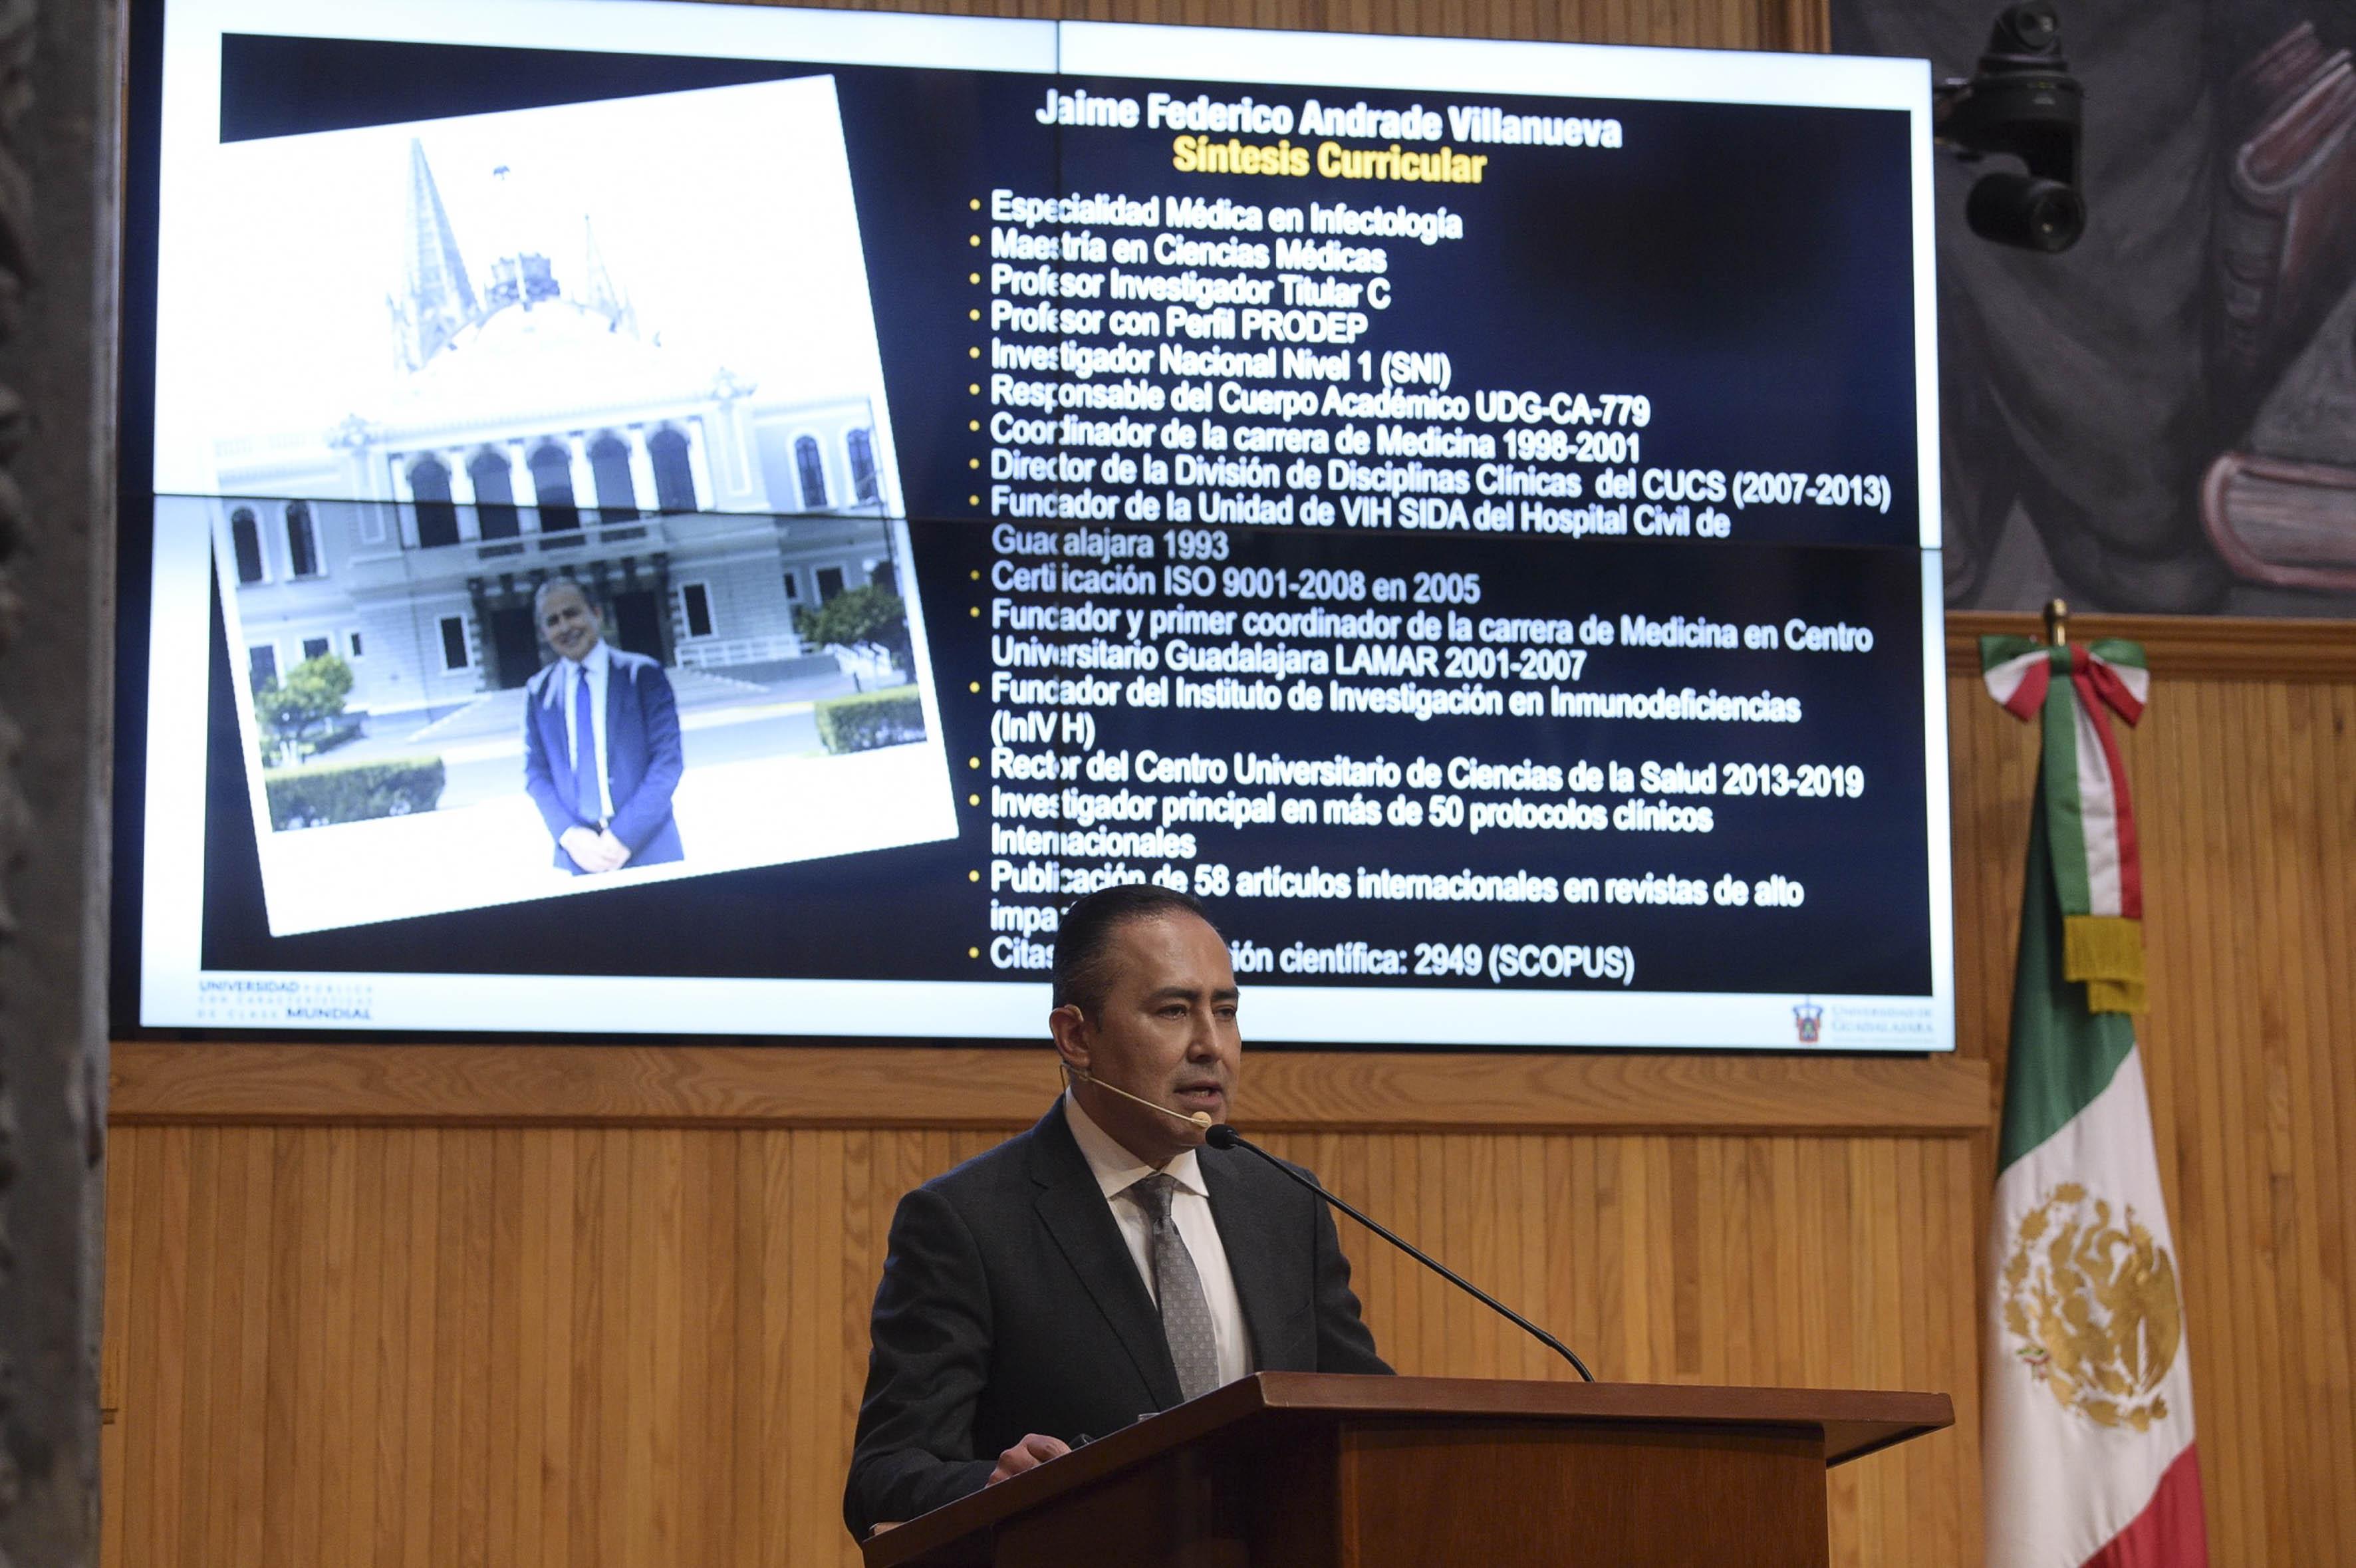 Dr. Jaime Andrade presentando su plan de trabajo, atrás diapositiva en el monitor